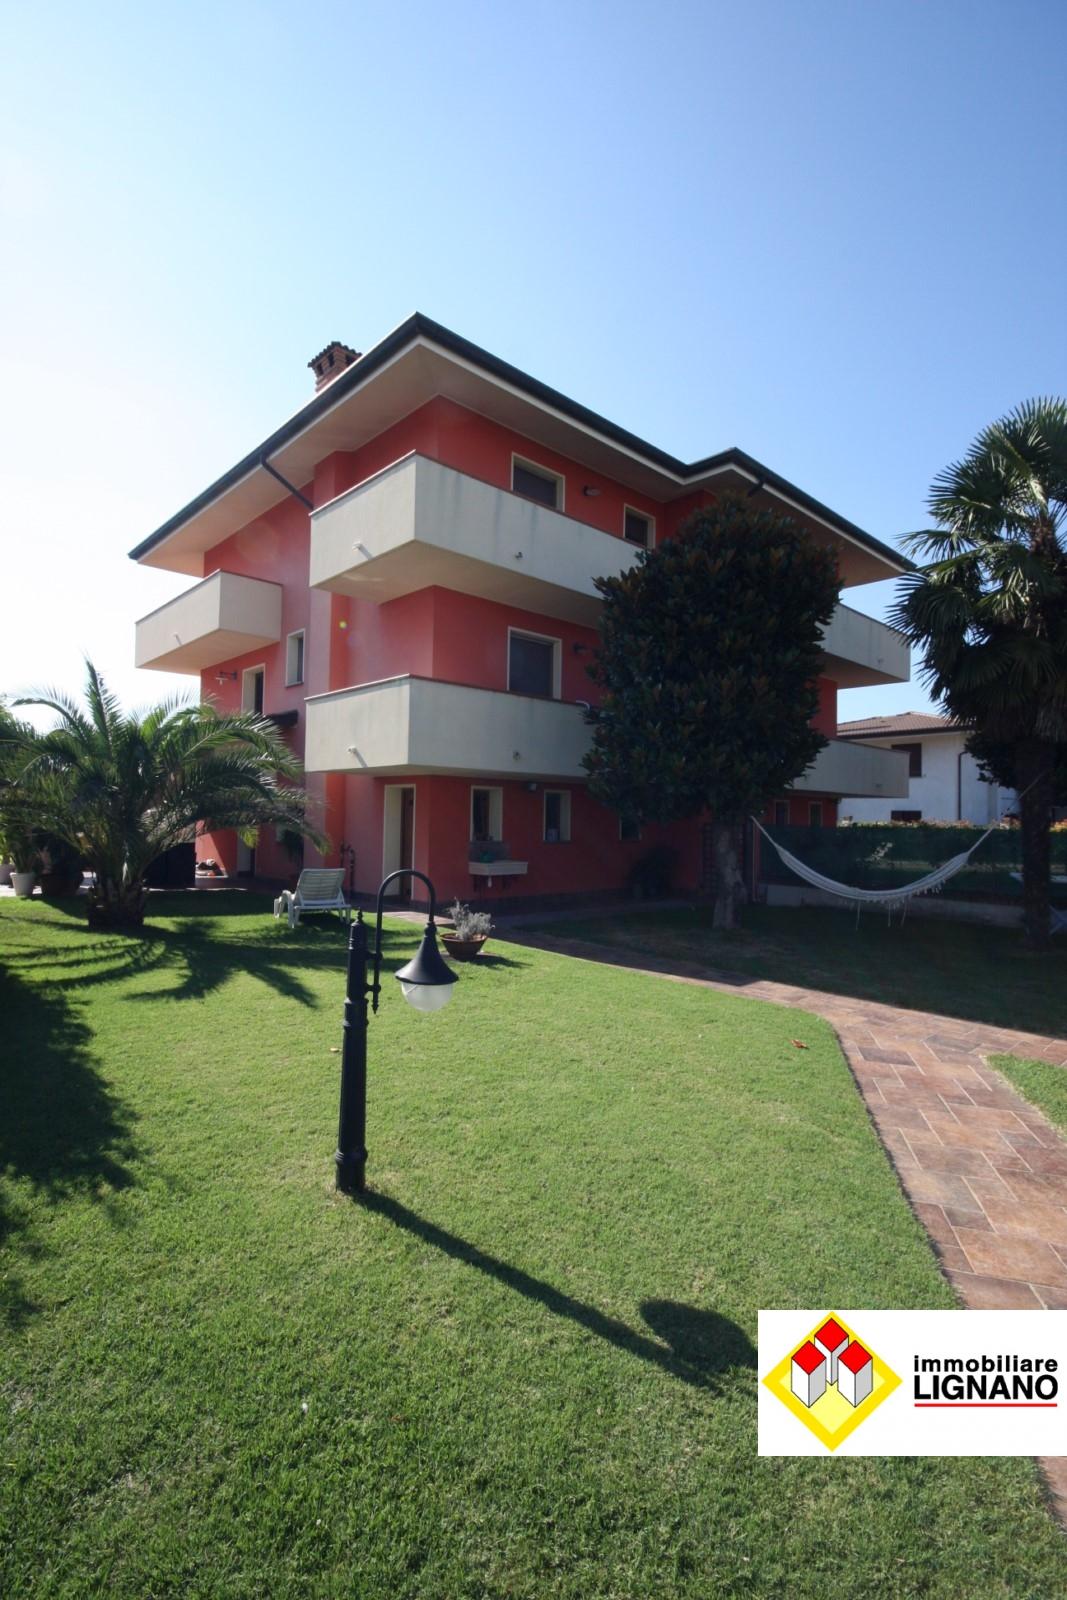 Rustico / Casale in vendita a Latisana, 8 locali, zona Zona: Pertegada, prezzo € 239.000 | Cambio Casa.it